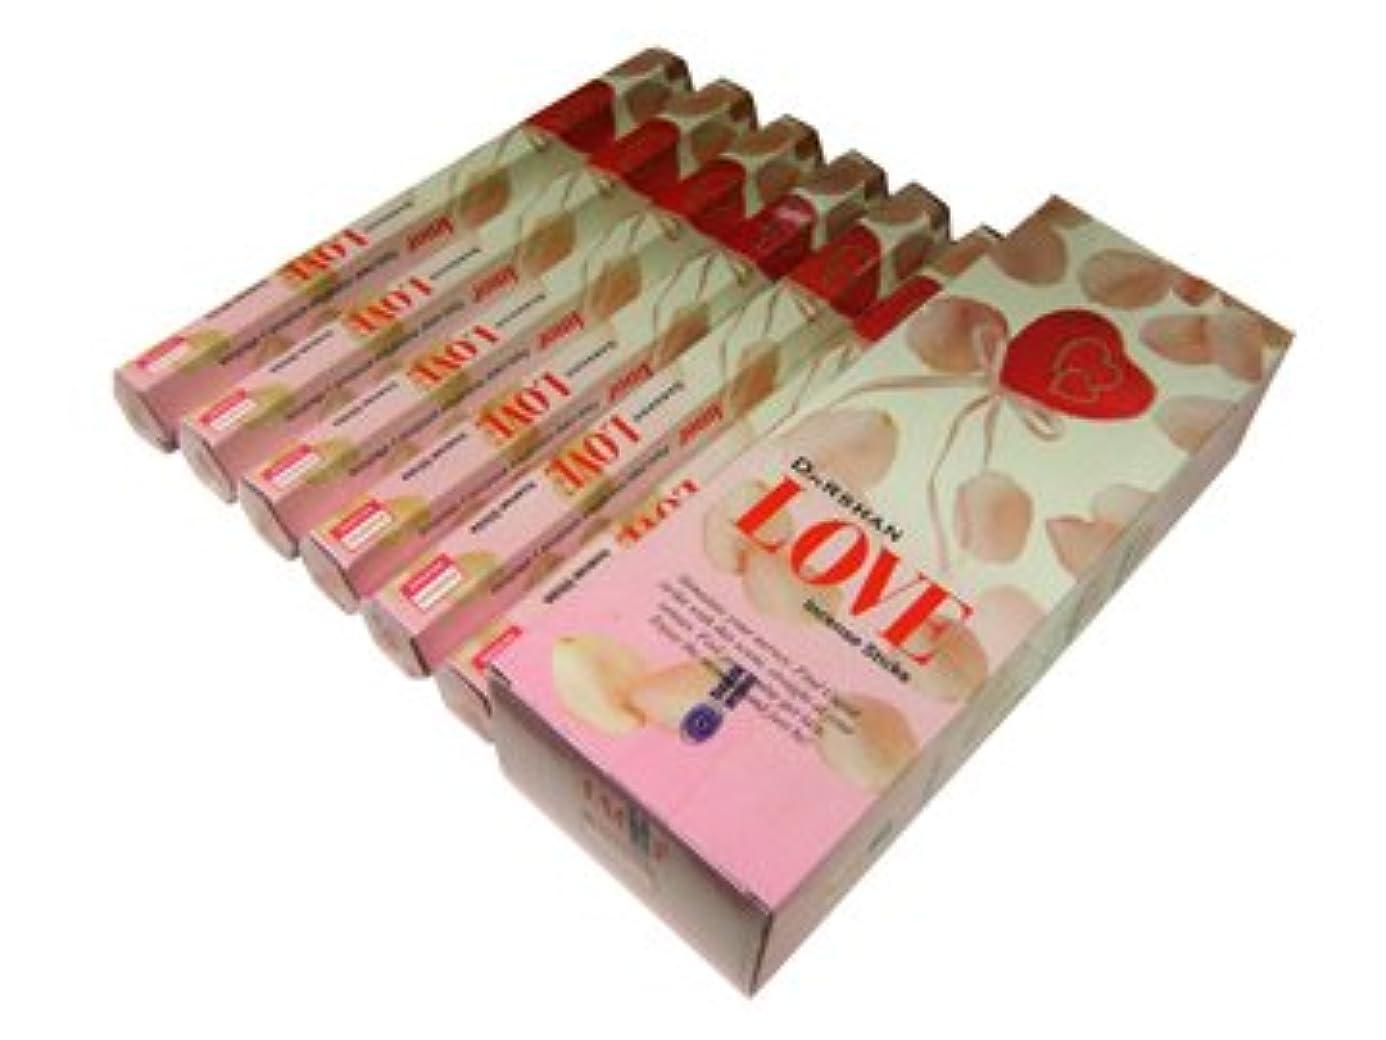 ジレンマましい祈りDARSHAN(ダルシャン) ラブ香 スティック LOVE 6箱セット